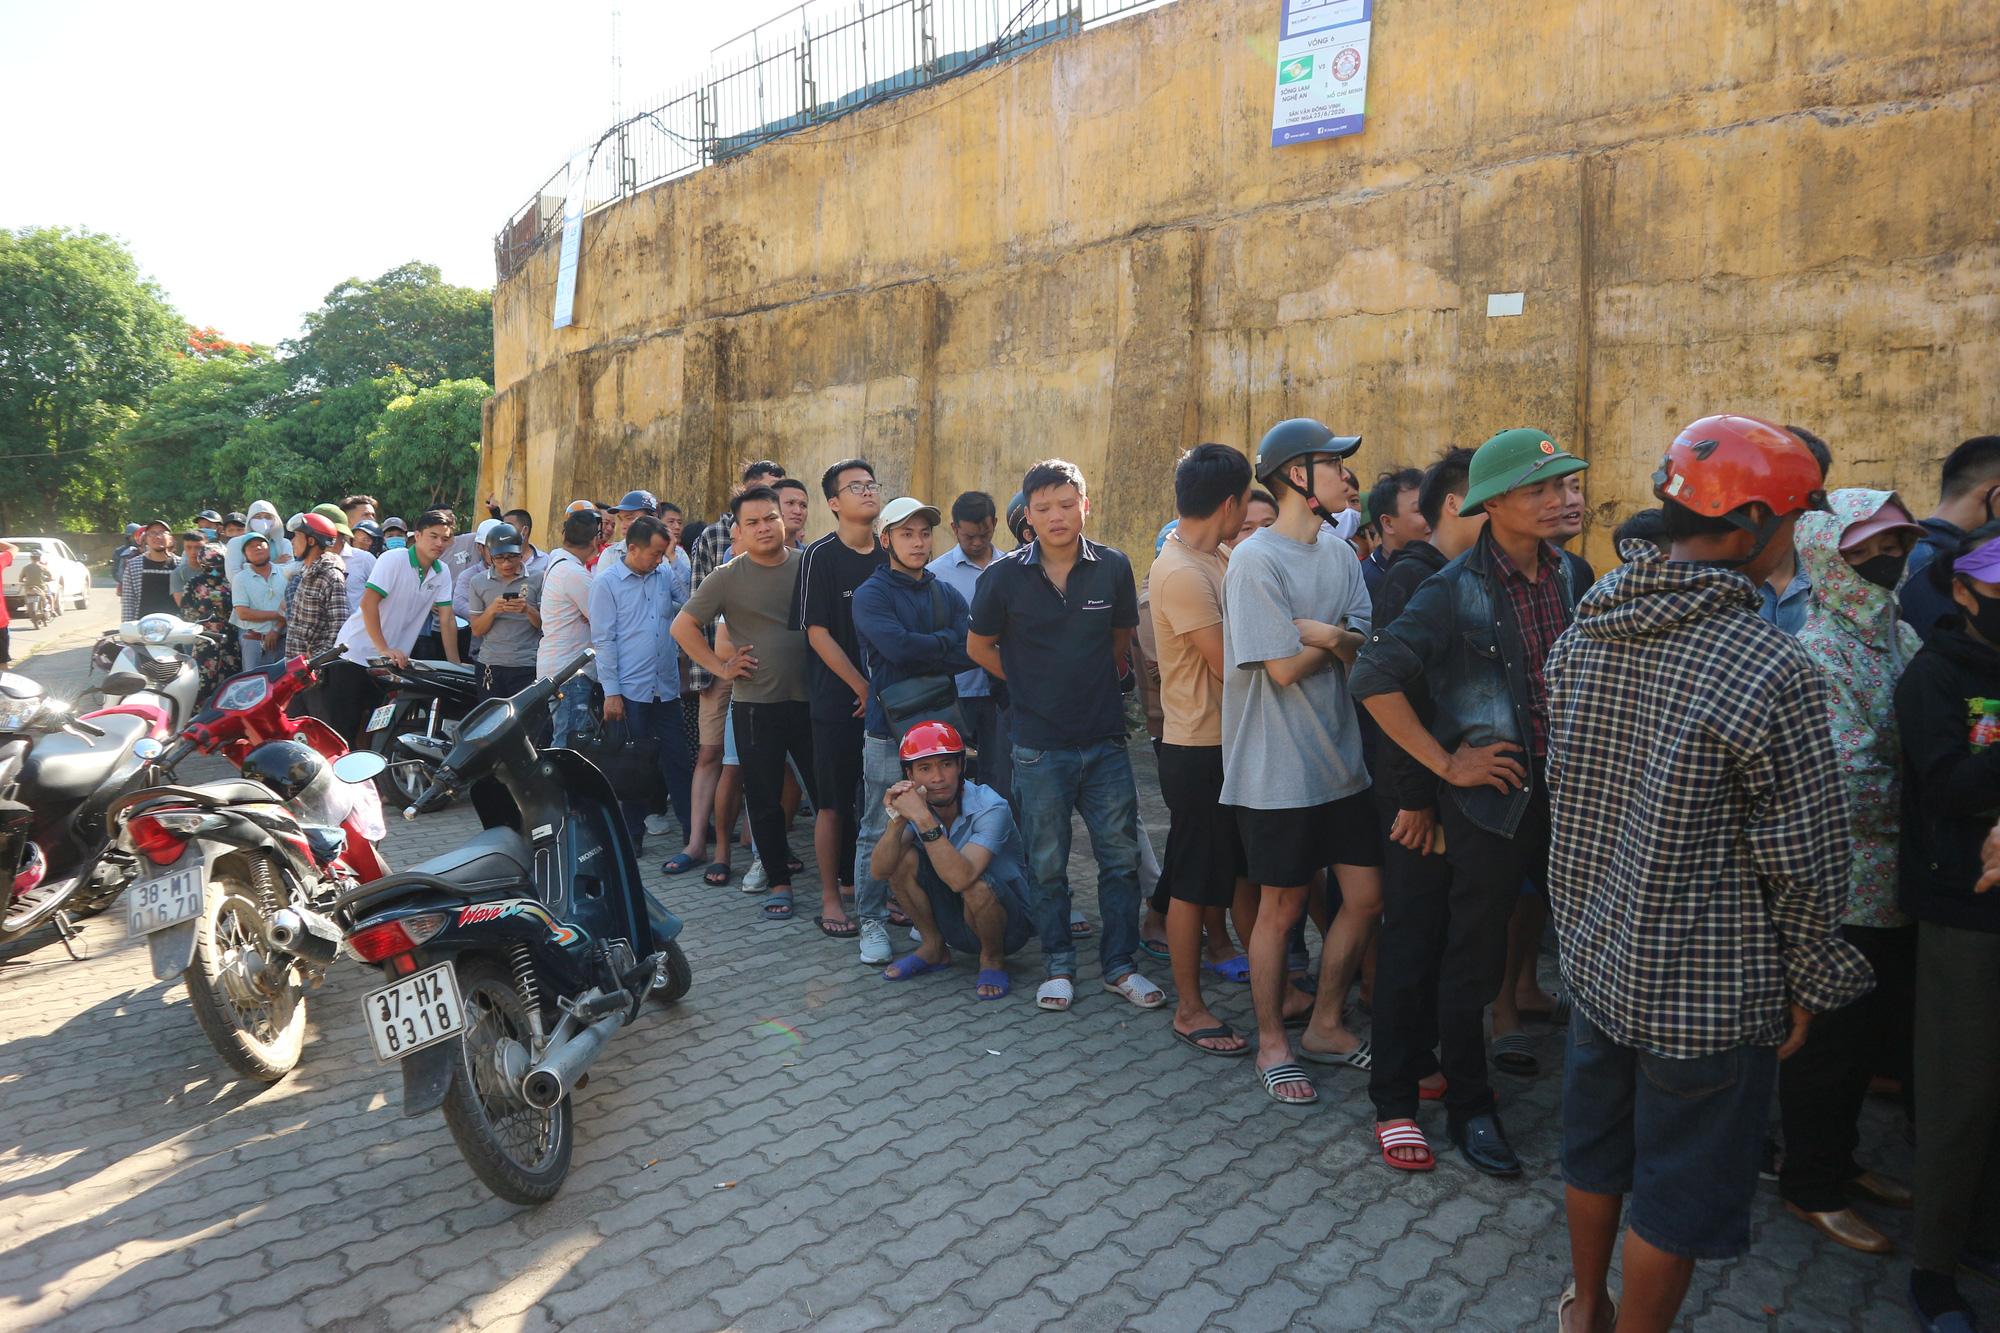 Hàng ngàn cổ động viên xứ Nghệ chen chân mua vé vào sân Vinh - Ảnh 1.